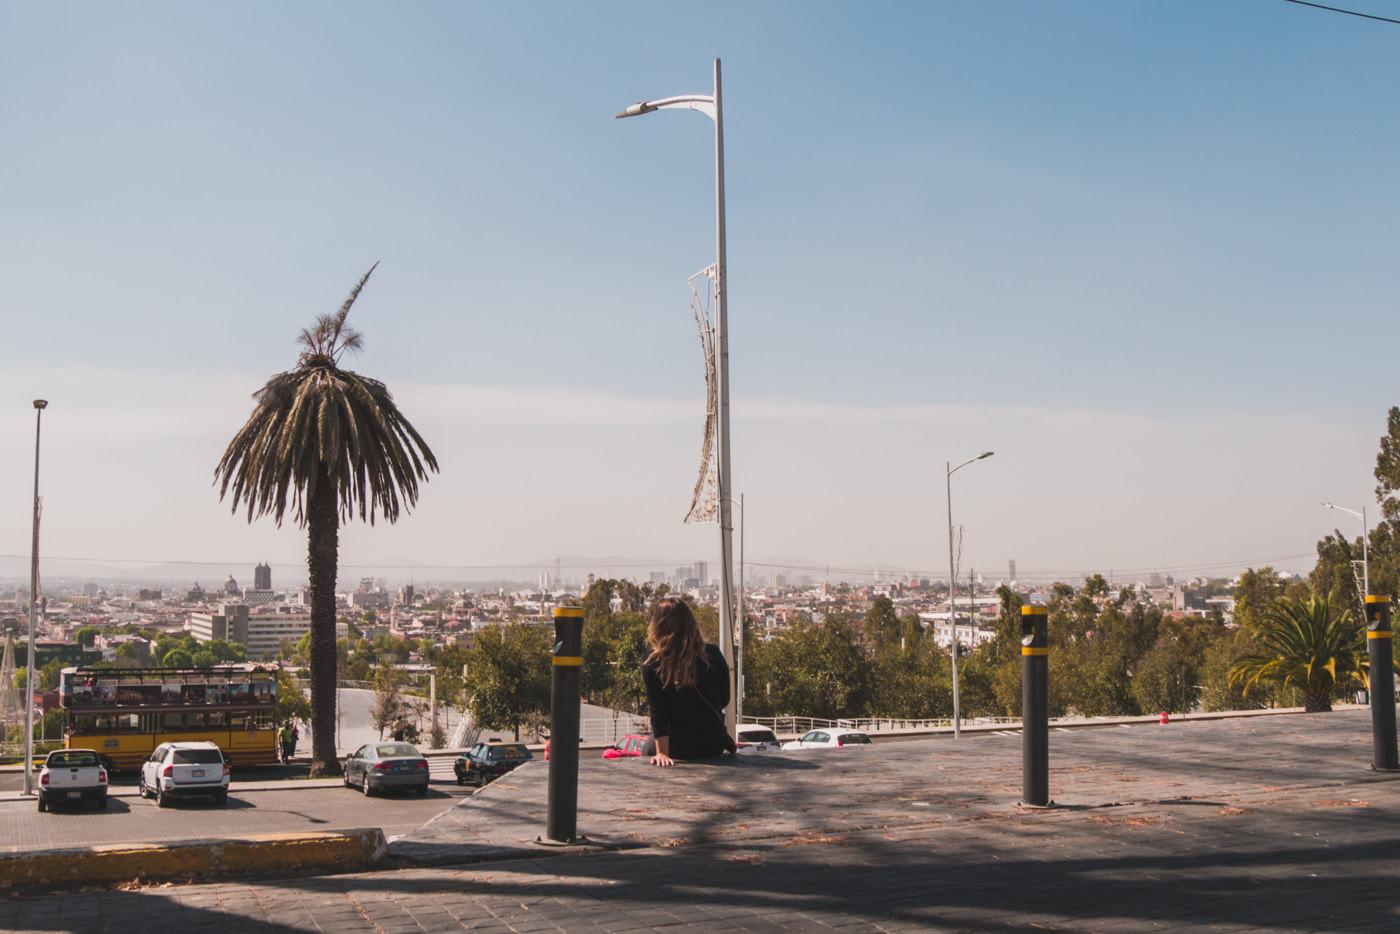 Julia blickt auf die Stadt Puebla in Mexiko